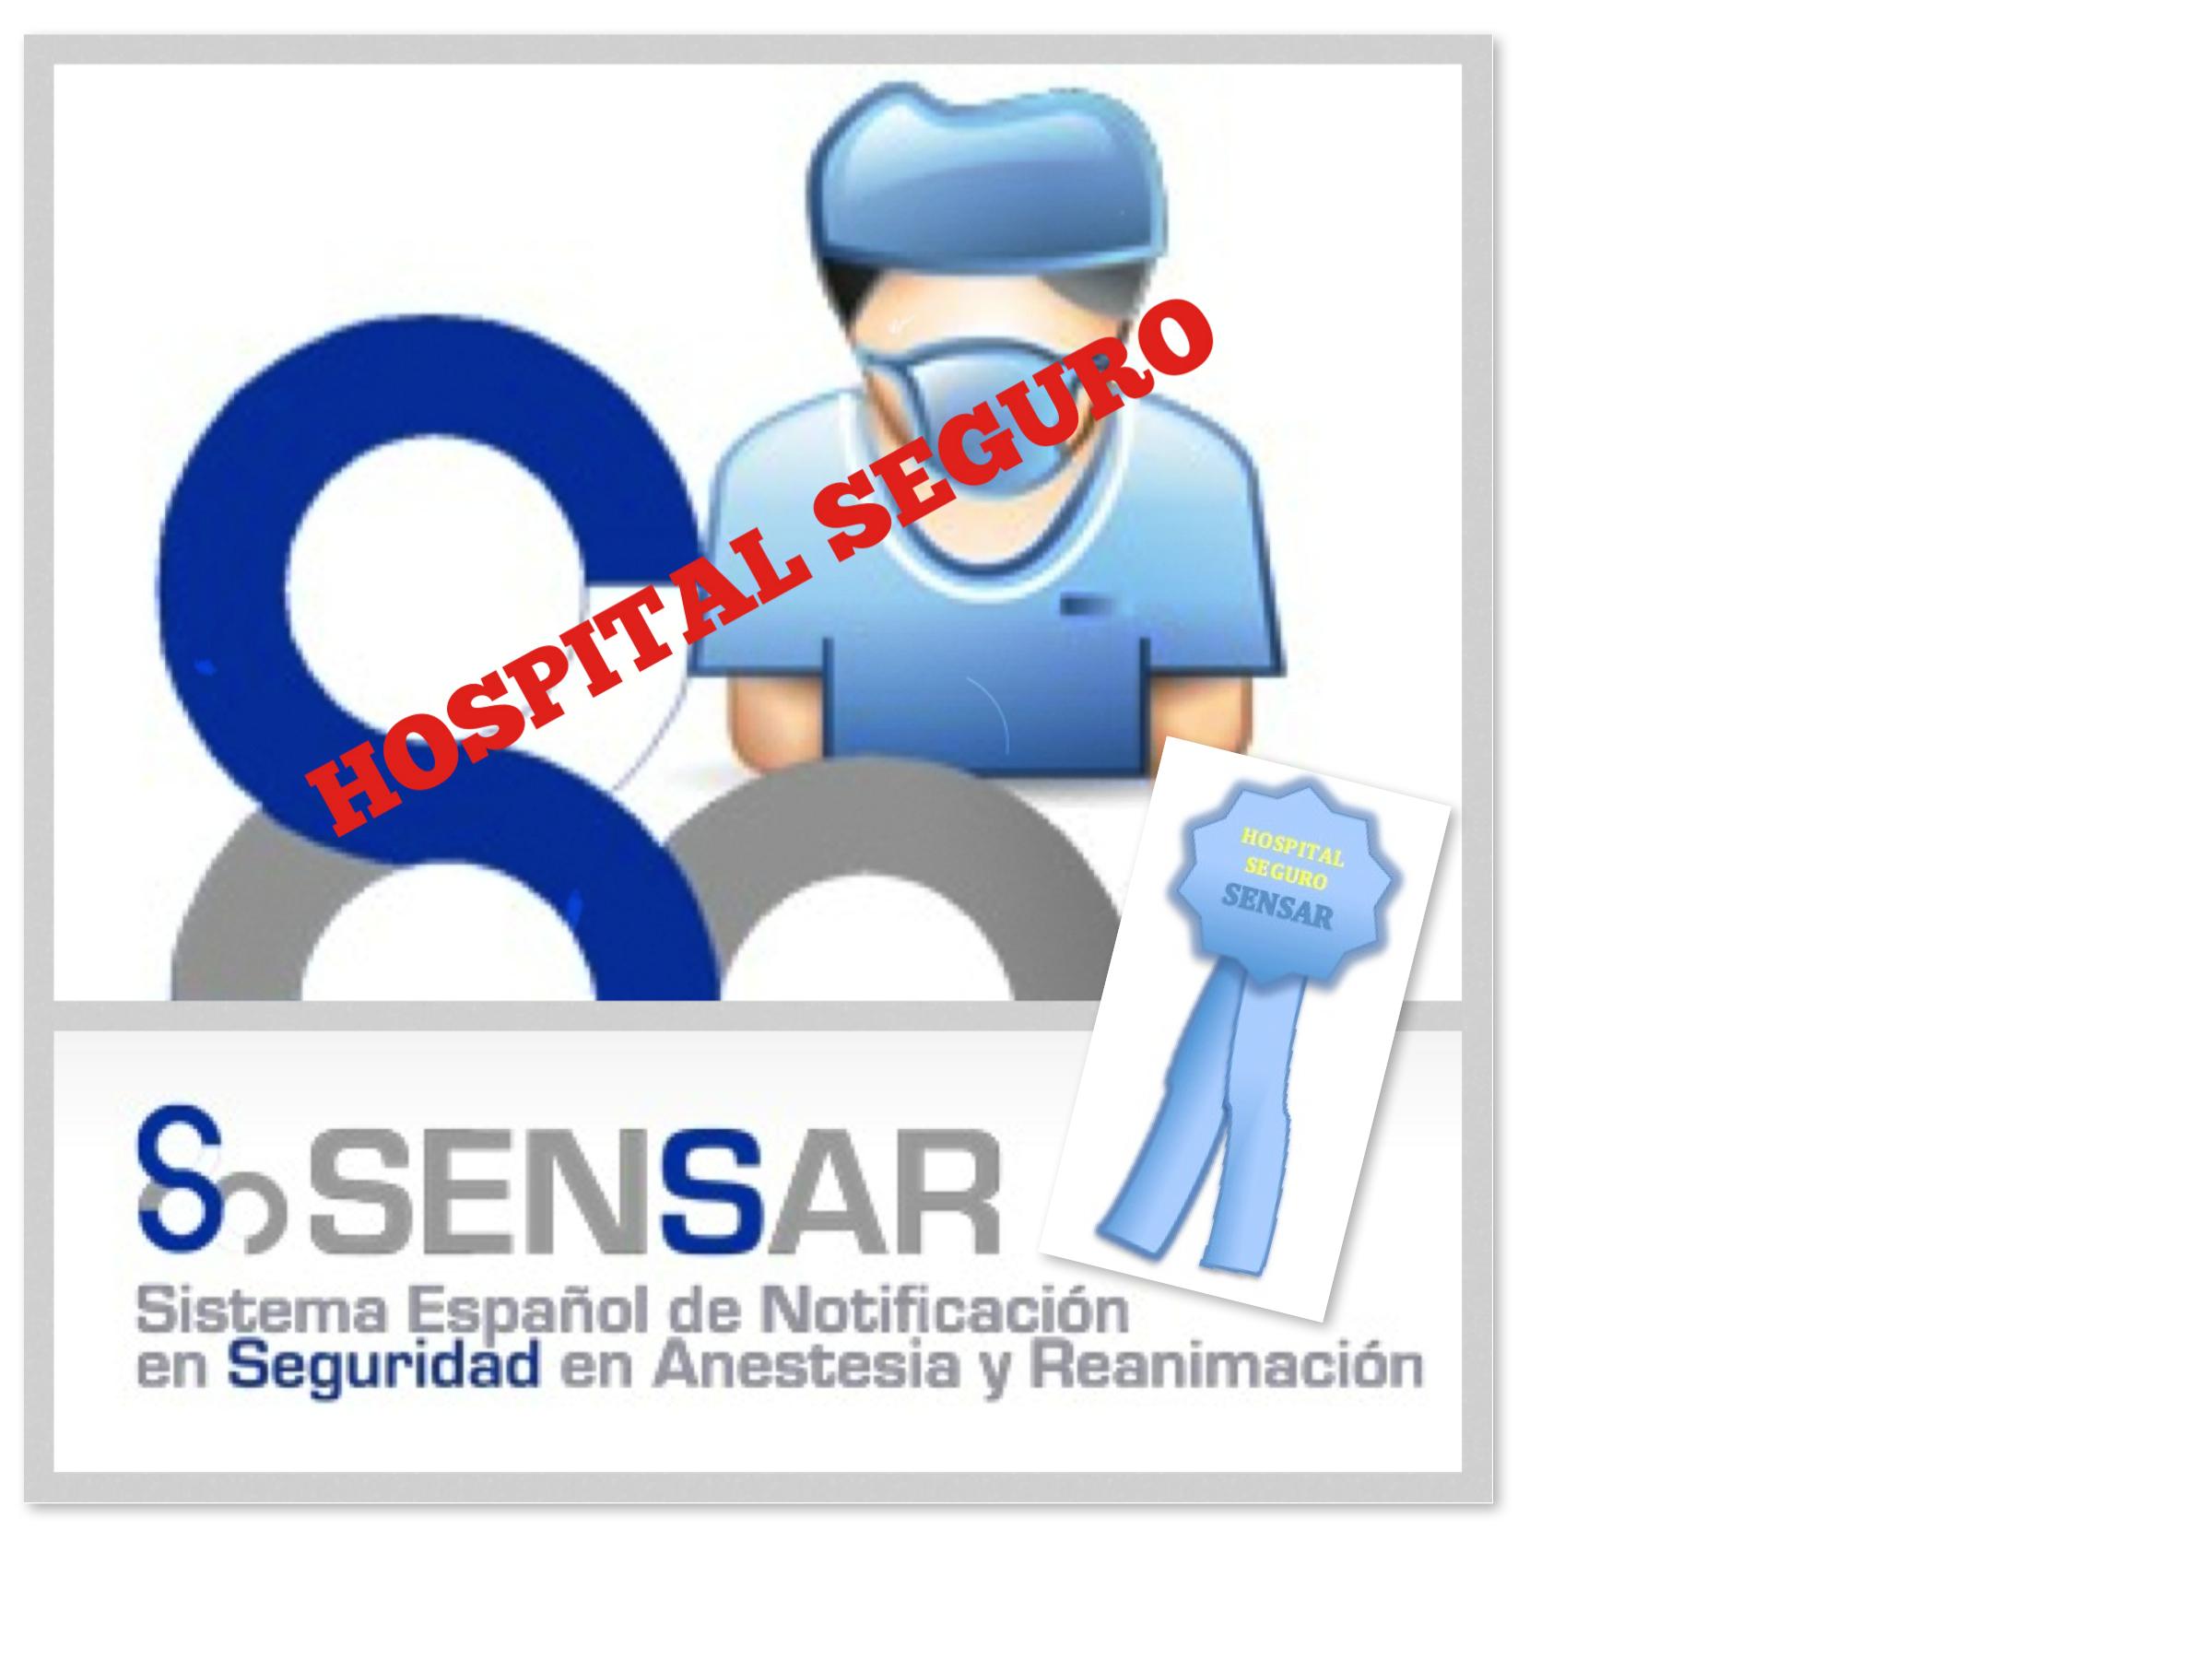 Lista definitiva de Hospitales activos en SENSAR 2013-14